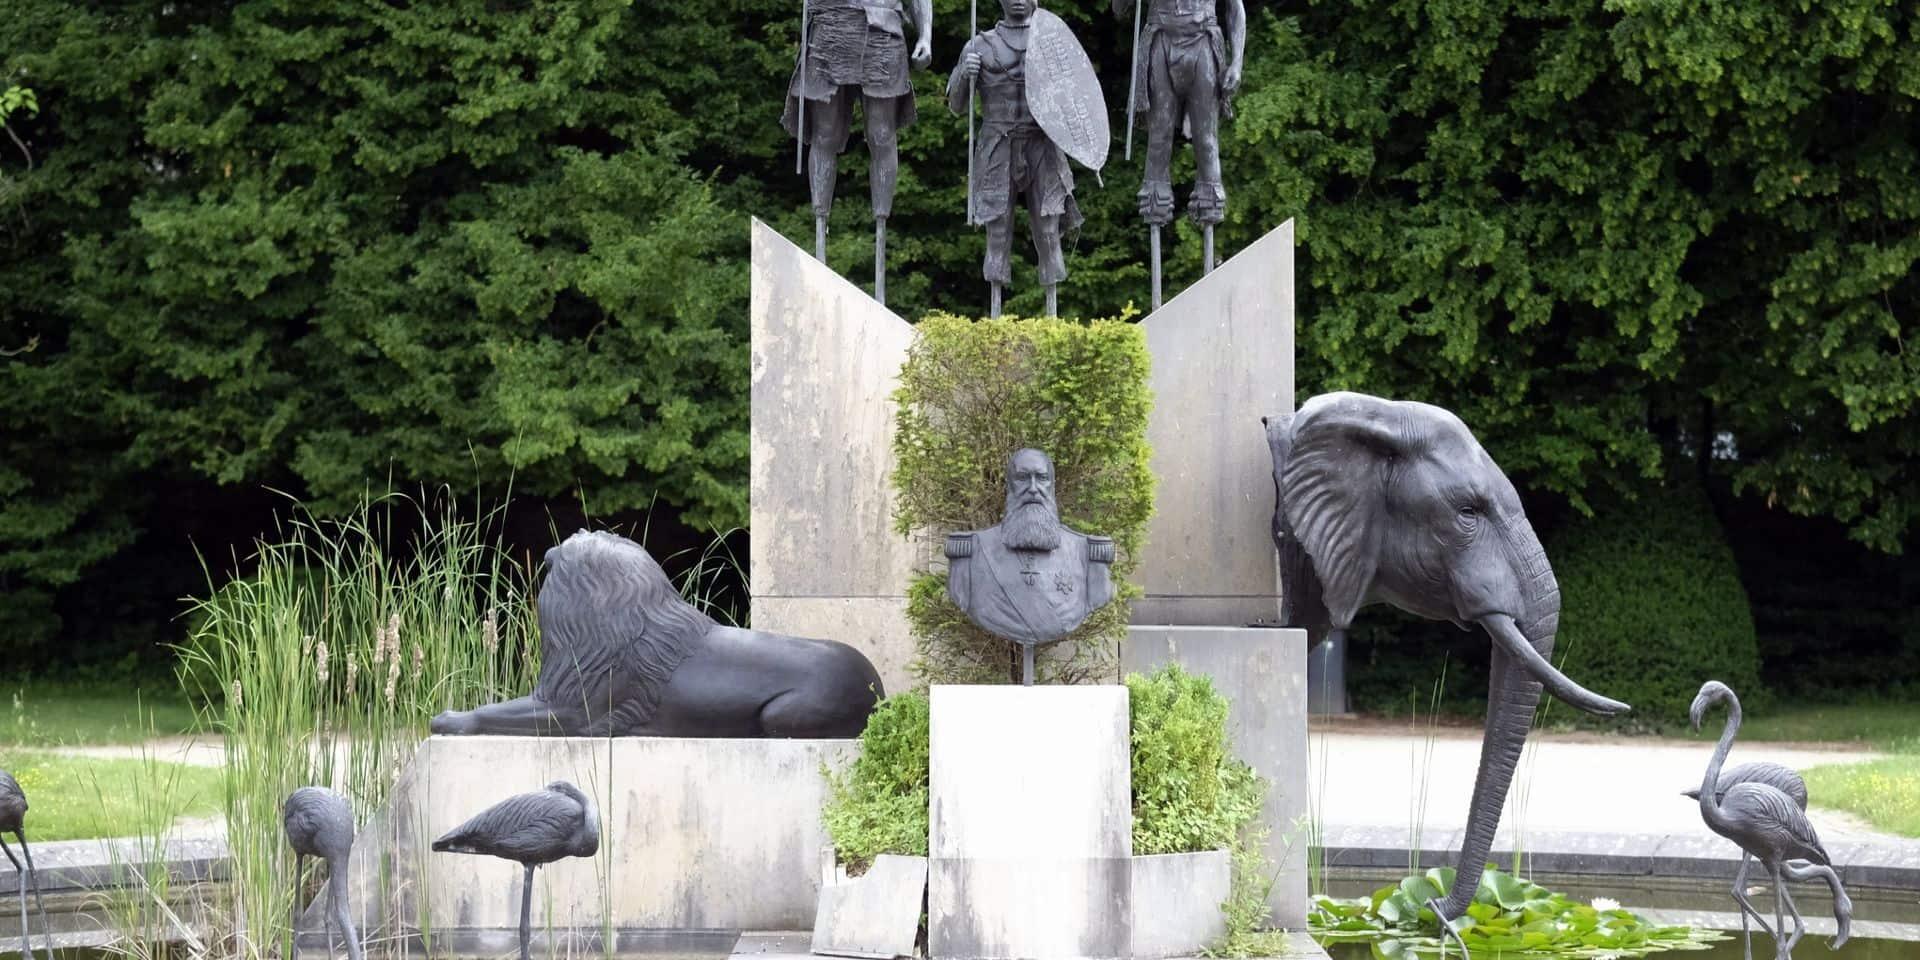 Le buste de Léopold II vandalisé à Tervuren a été nettoyé